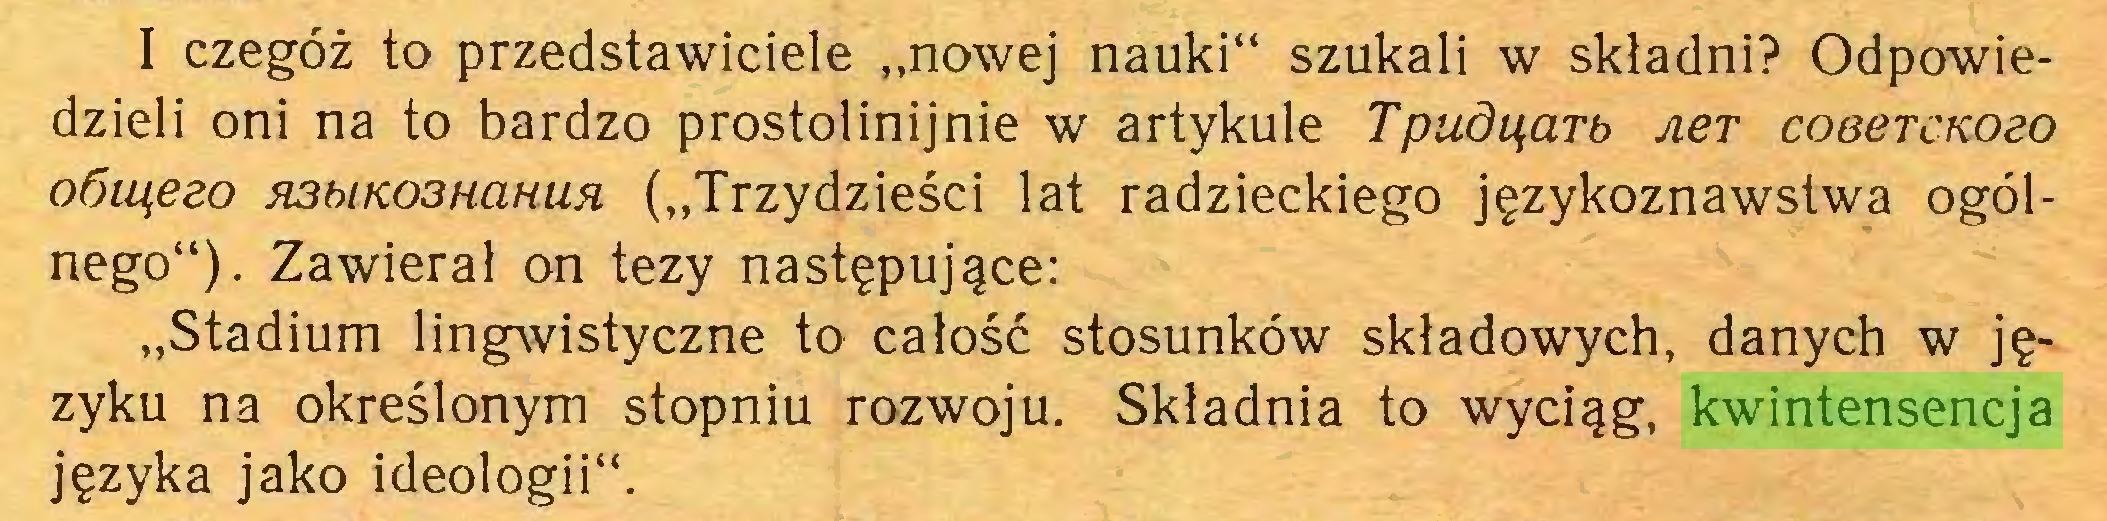 """(...) I czegóż to przedstawiciele """"nowej nauki"""" szukali w składni? Odpowiedzieli oni na to bardzo prostolinijnie w artykule Tpudąarb Aer coeercKOdo oóiąeeo H3biK03HciHun (""""Trzydzieści lat radzieckiego językoznawstwa ogólnego""""). Zawierał on tezy następujące: """"Stadium lingwistyczne to całość stosunków składowych, danych w języku na określonym stopniu rozwoju. Składnia to wyciąg, kwintensencja języka jako ideologii""""..."""